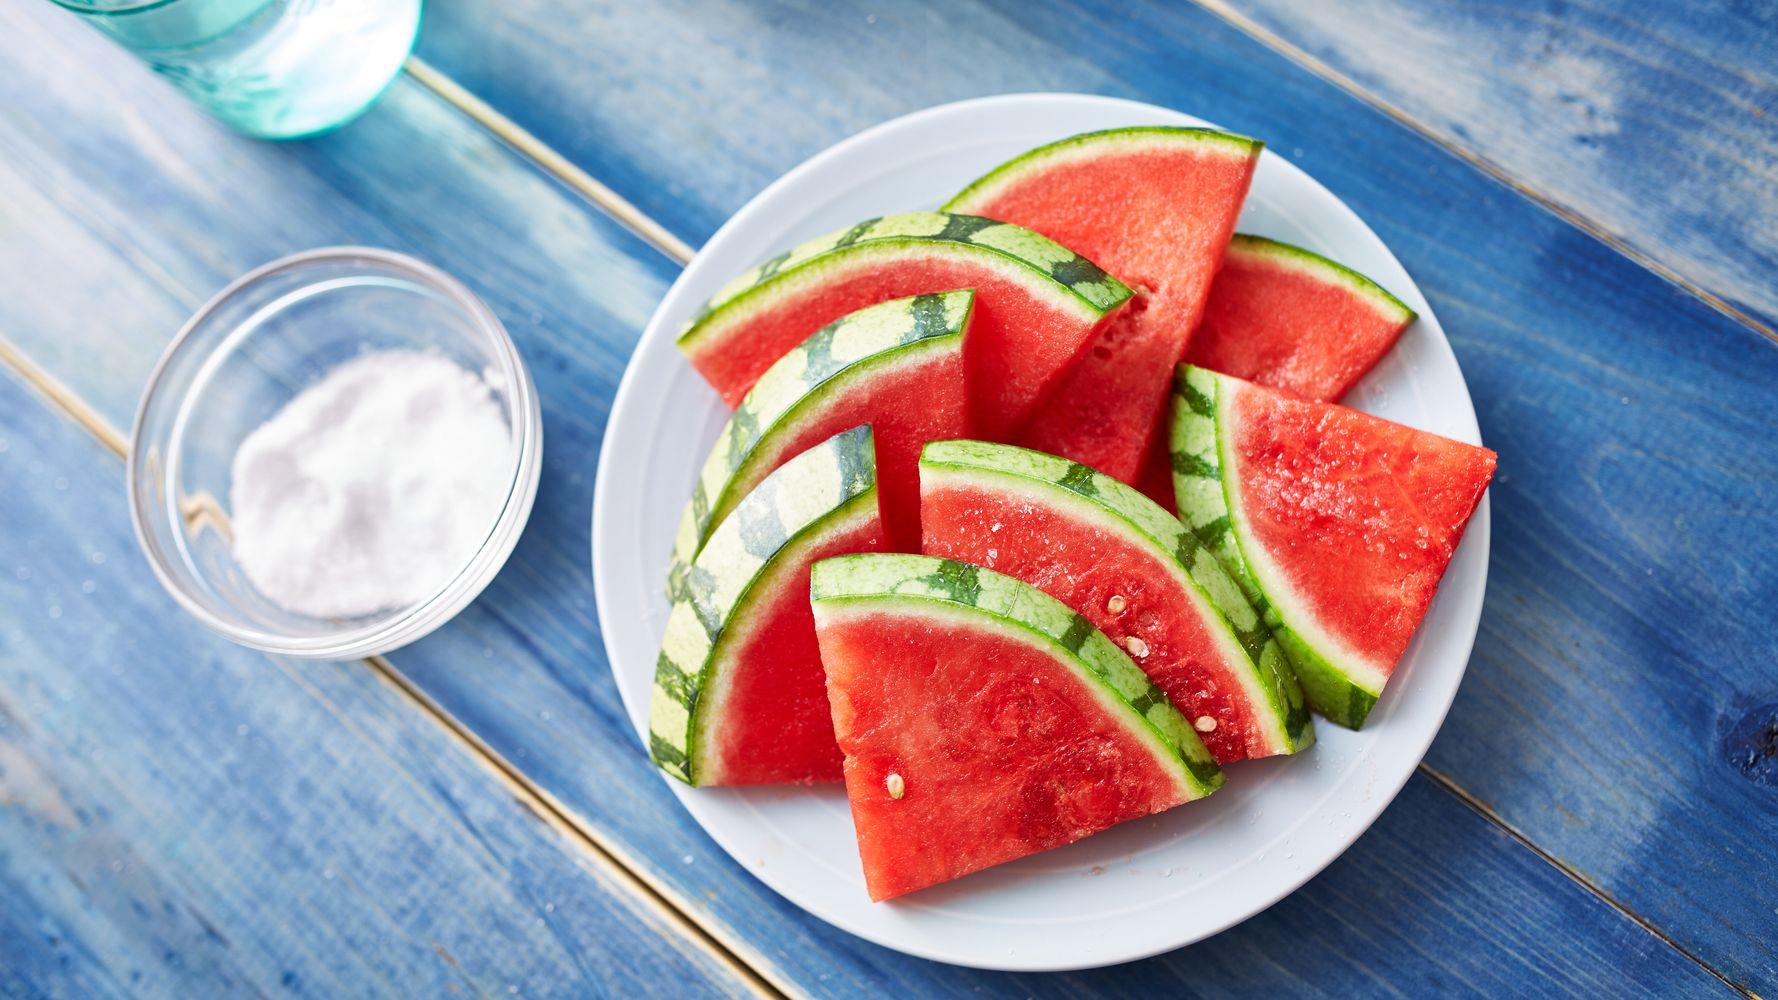 Como uma pitada de sal pode intensificar o sabor da melancia